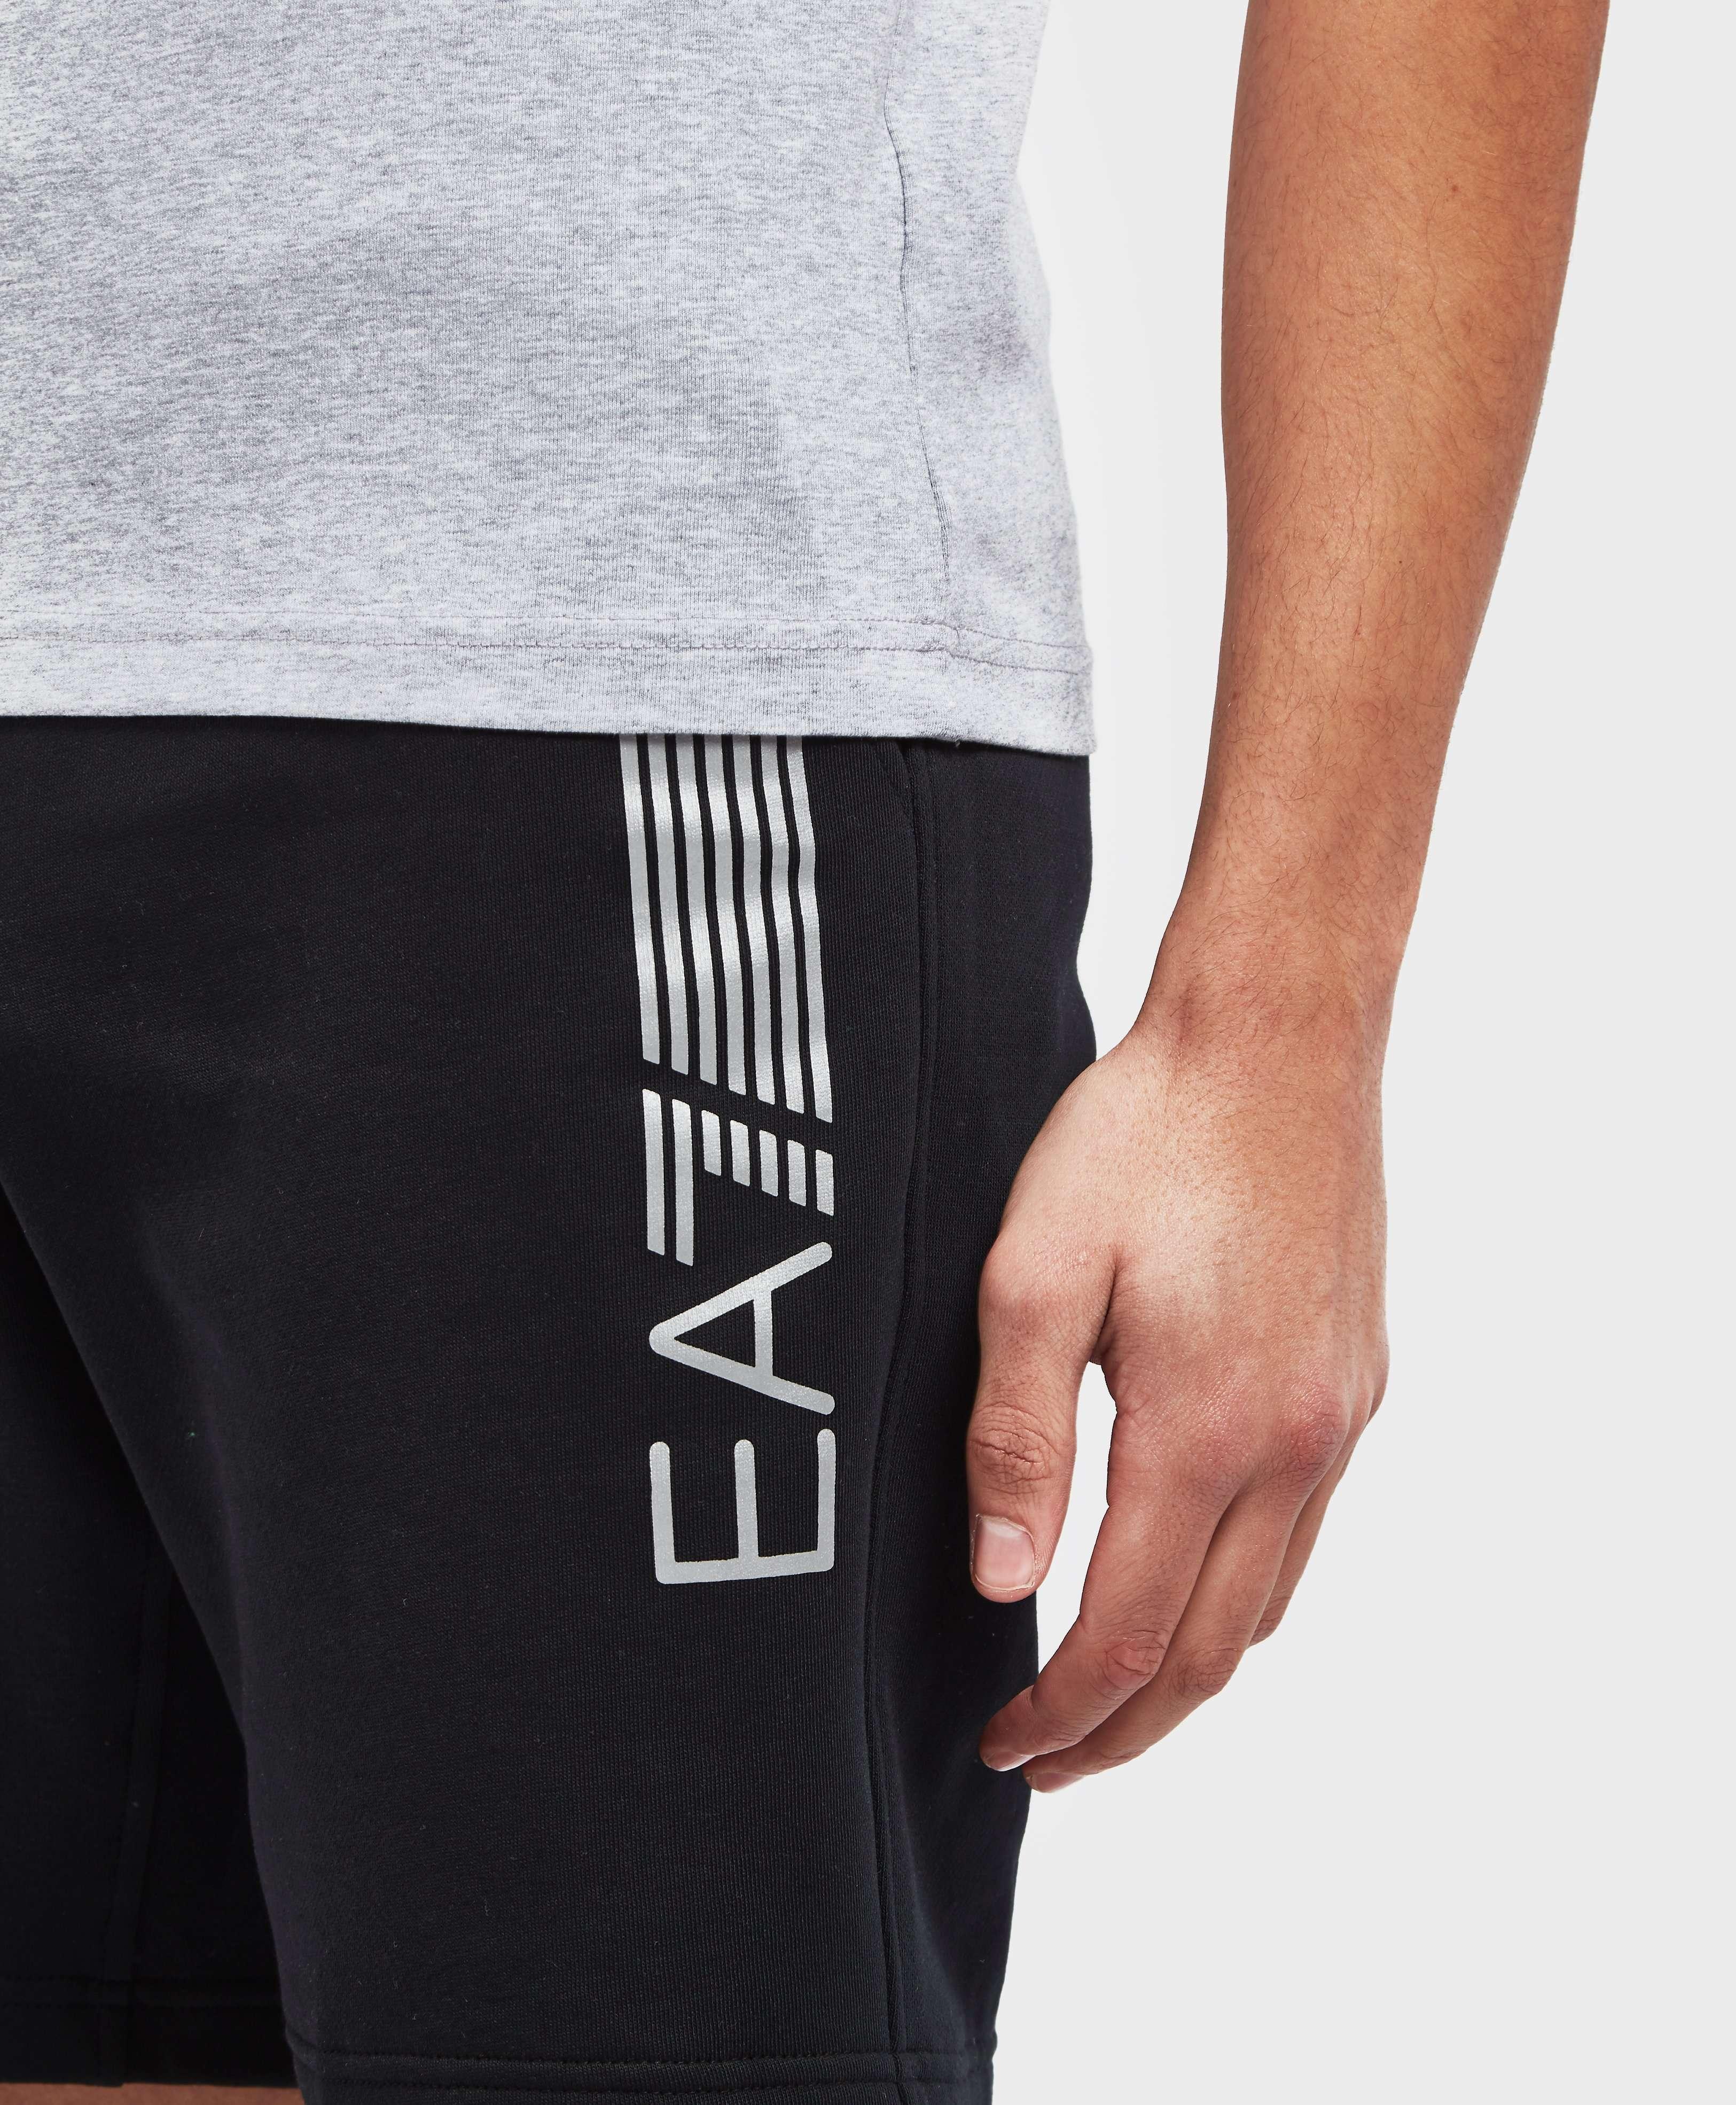 Emporio Armani EA7 7 Lines Fleece Shorts - Exclusive